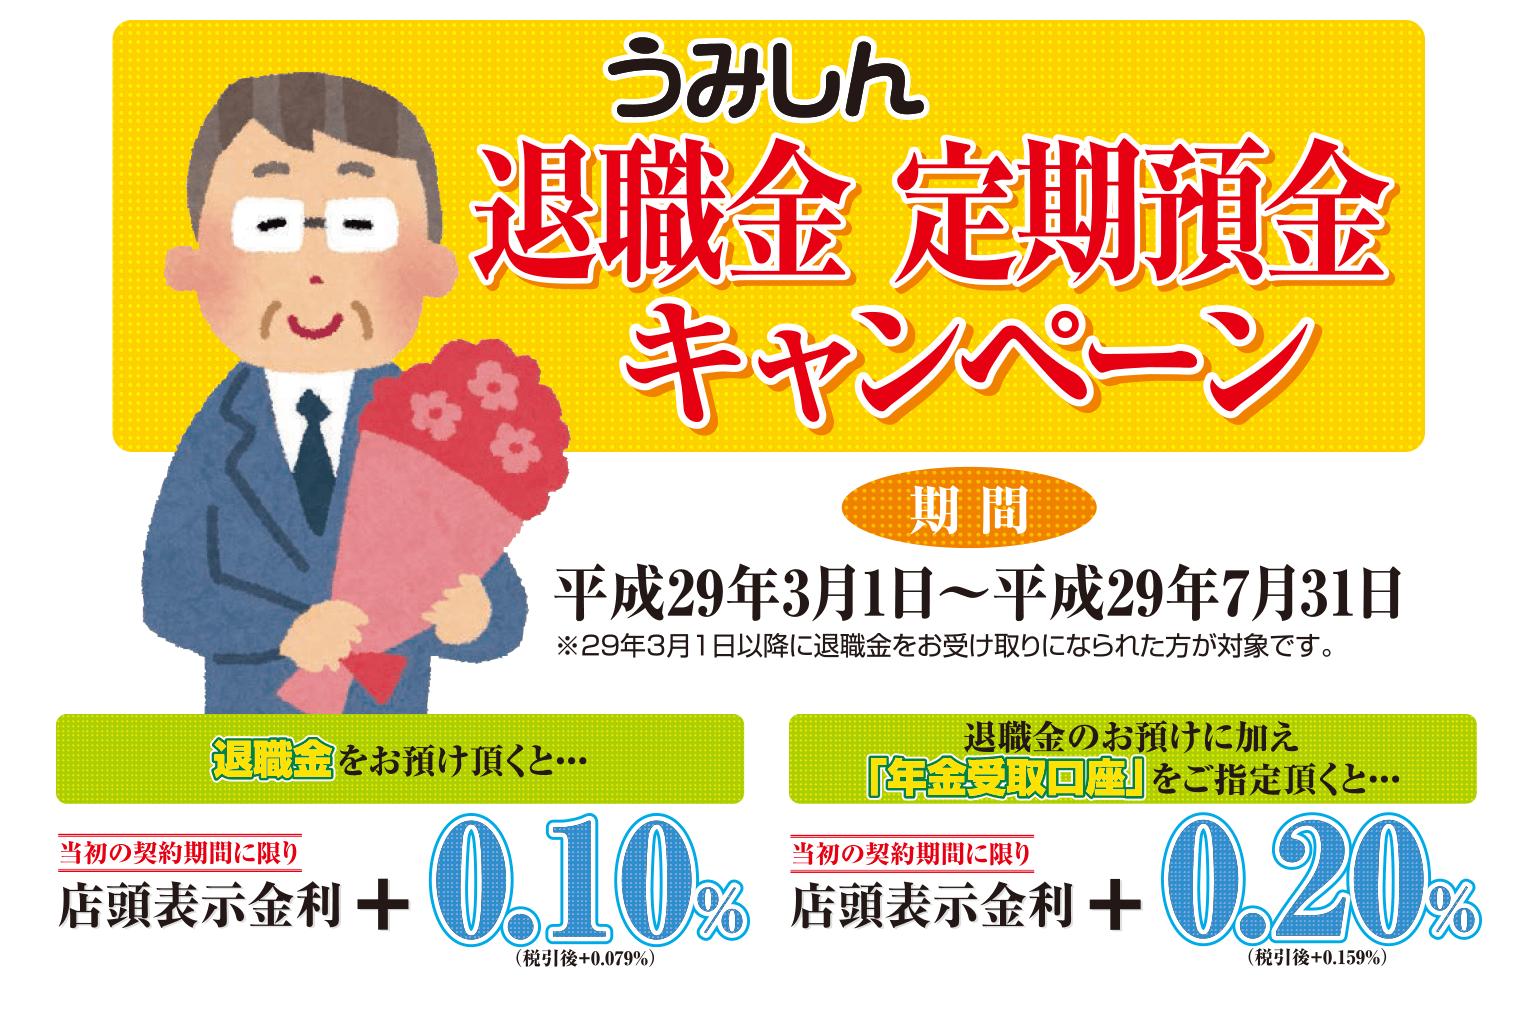 うみしん退職金 定期預金キャンペーン